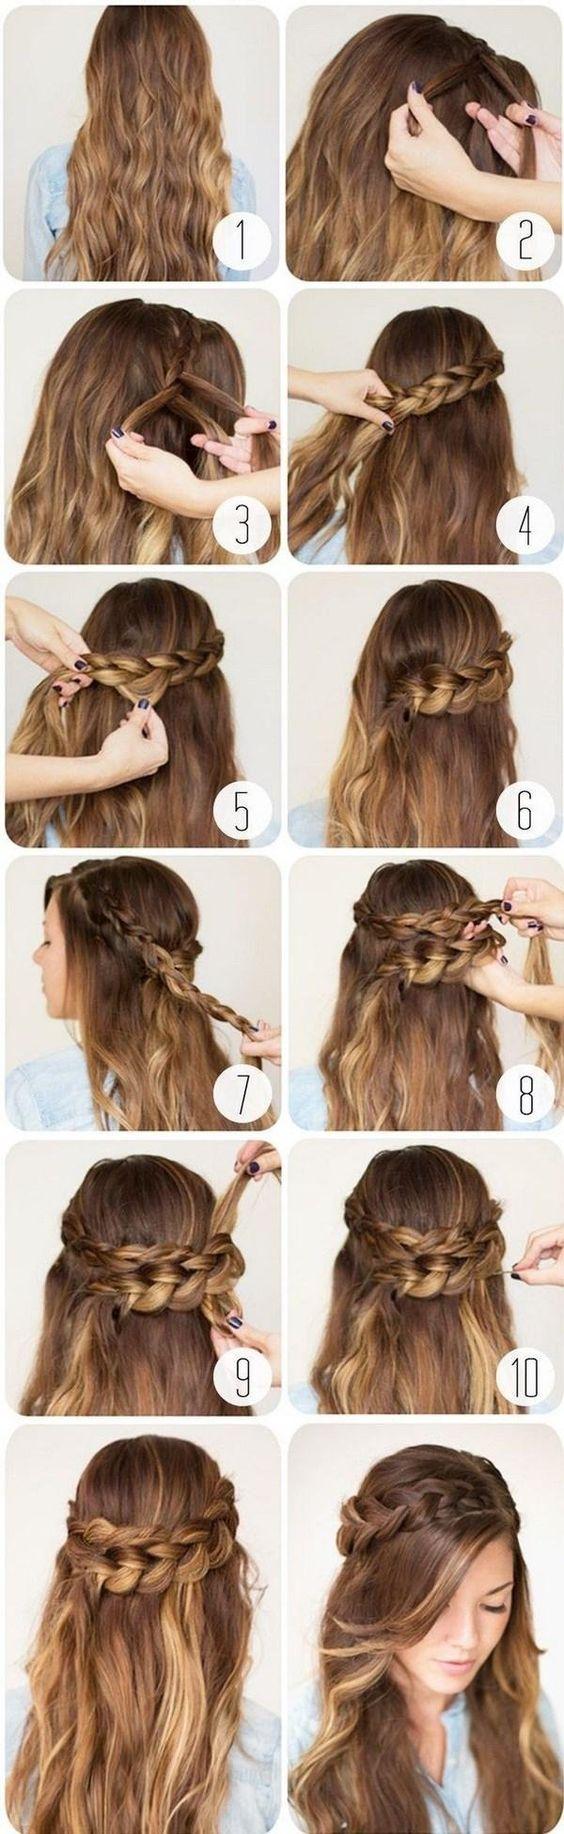 peinados-faciles-para-hacerse-una-misma-en-casa-otoño-invierno-trenza-cruzadas